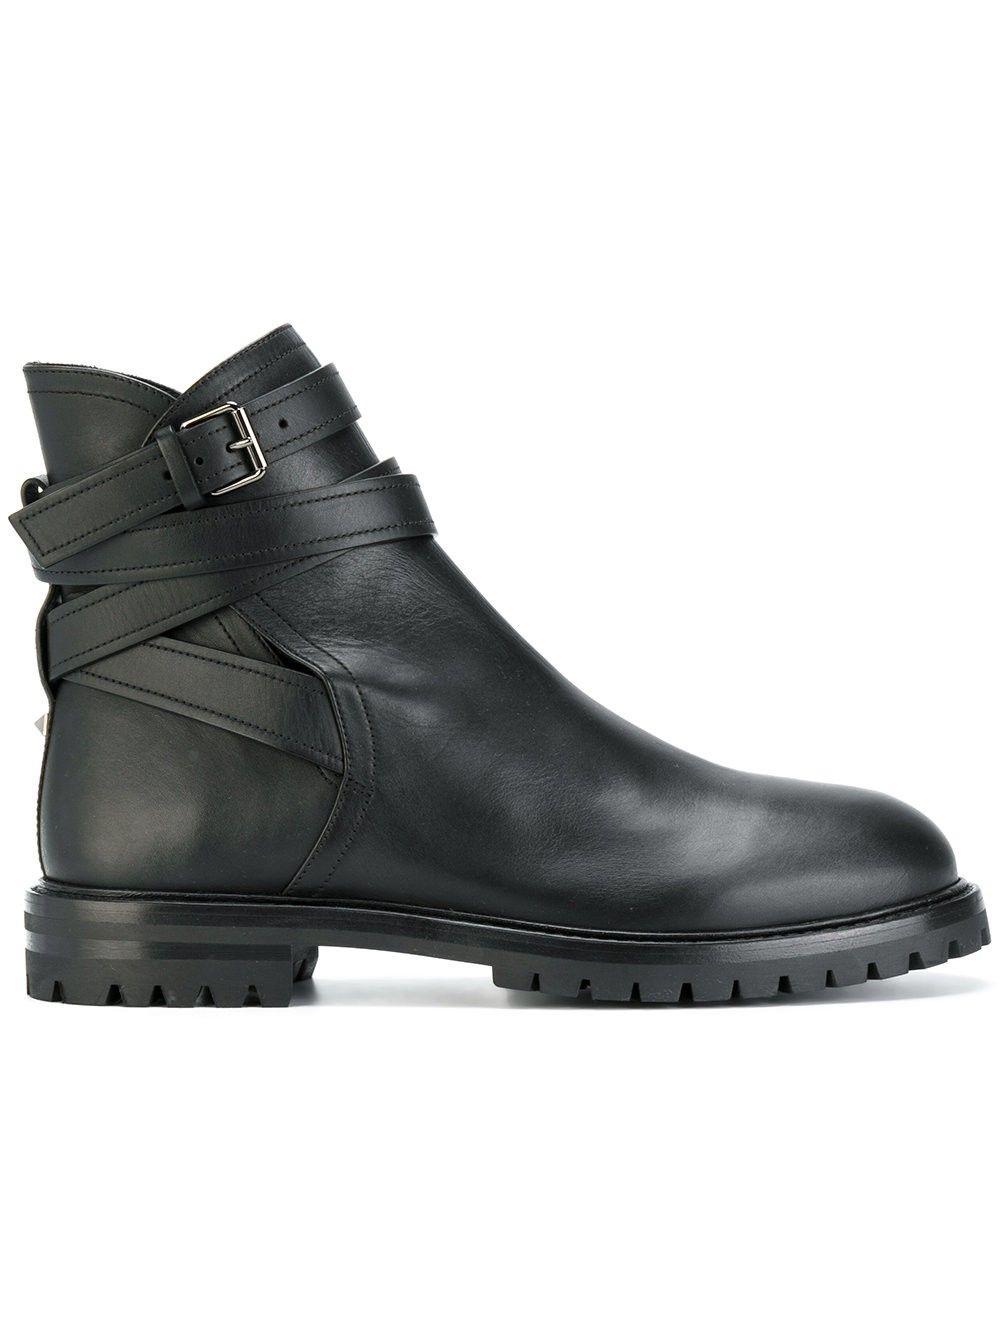 Ghete barbat, Valentino Desert Boots, catarama Negru 42